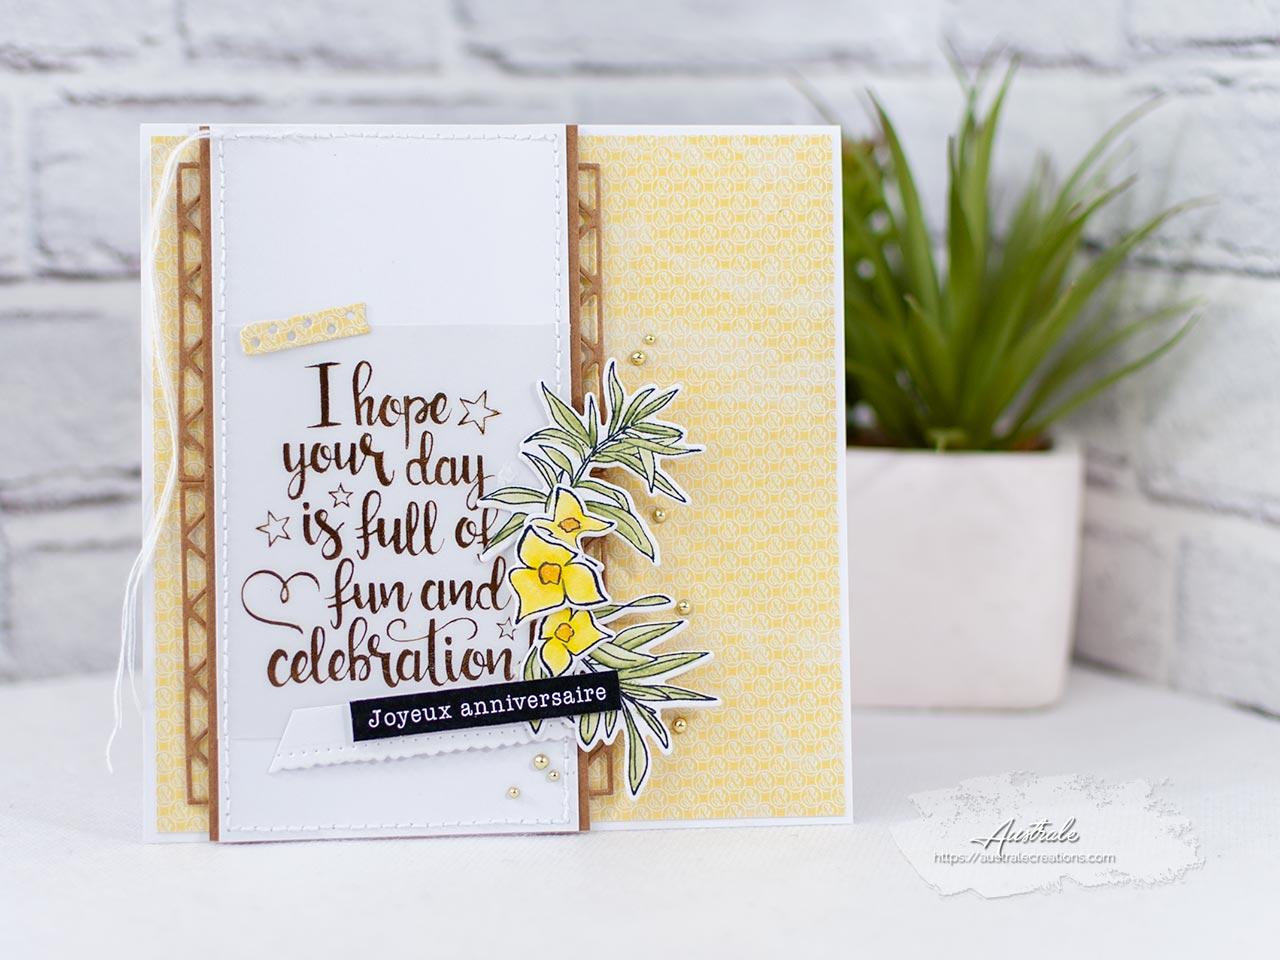 Création d'un ensemble cadeau composé d'une carte d'anniversaire et d'étiquettes assorties dans un combo de couleurs jaune, vert et kraft avec feuilles de laurier et fleurs de bougainvillier de 4enscrap.